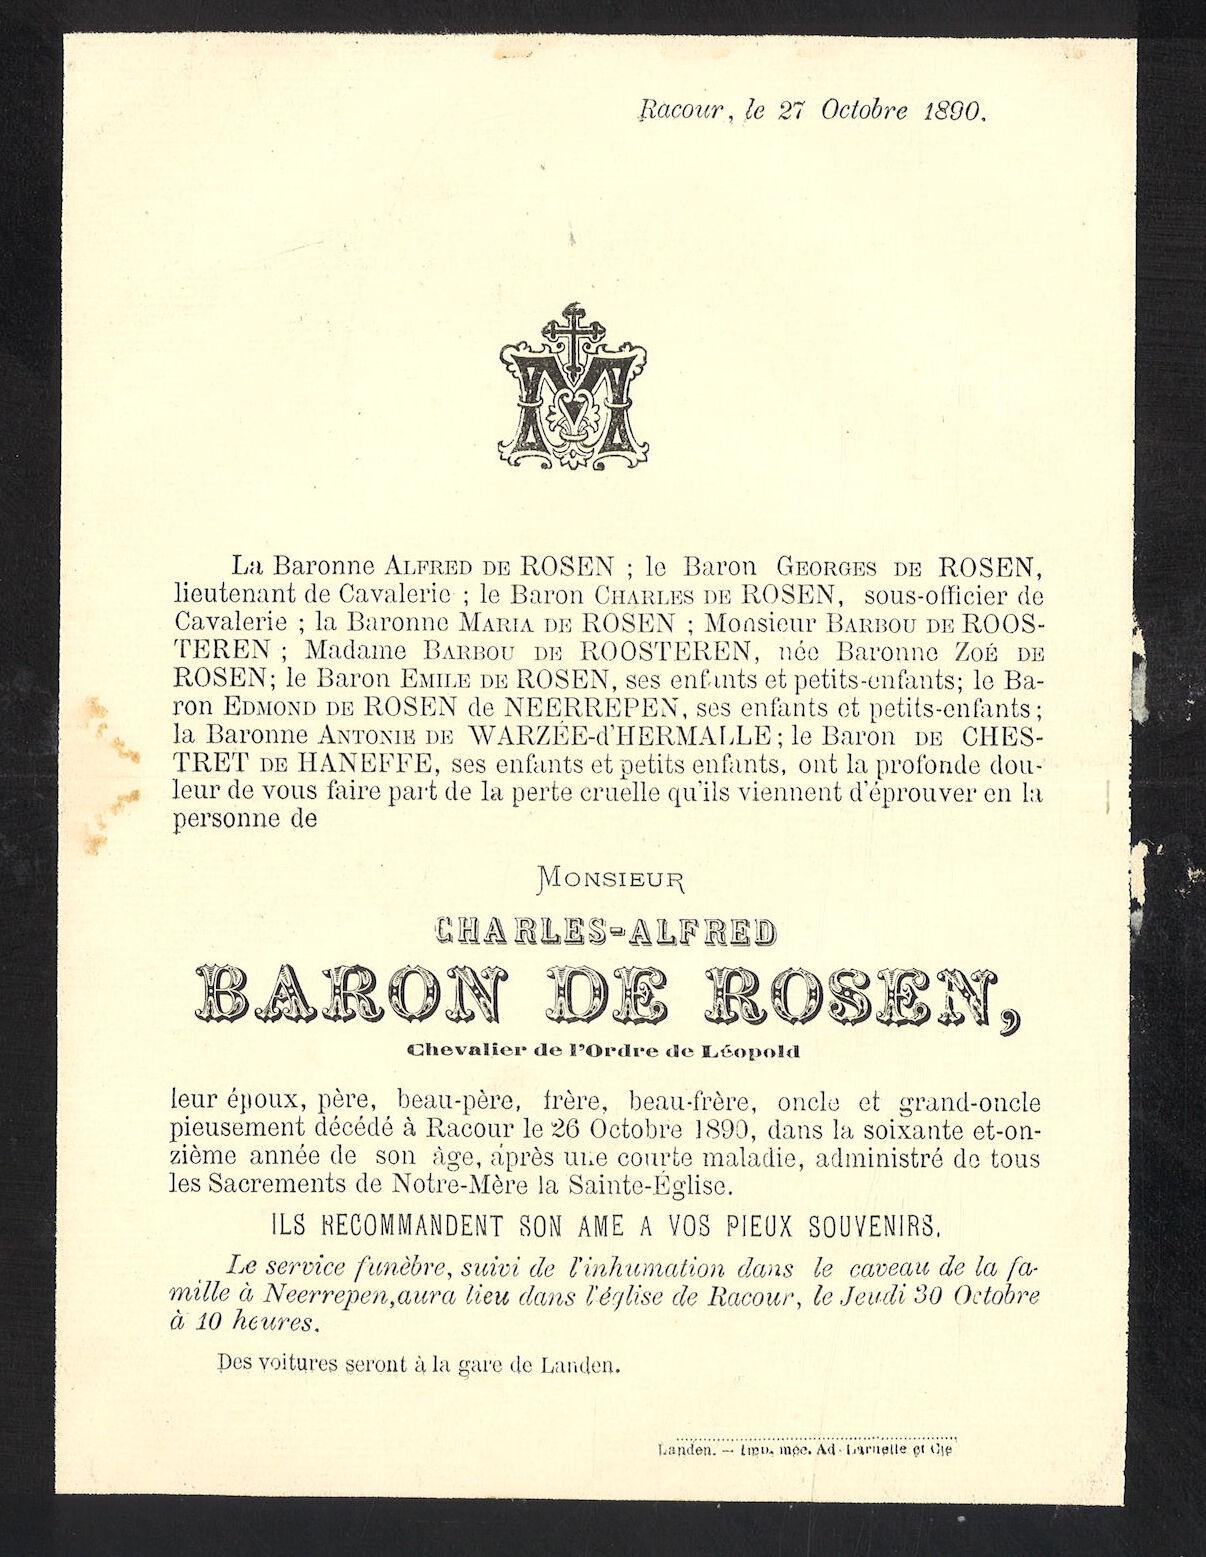 Charles-Alfred de Rosen